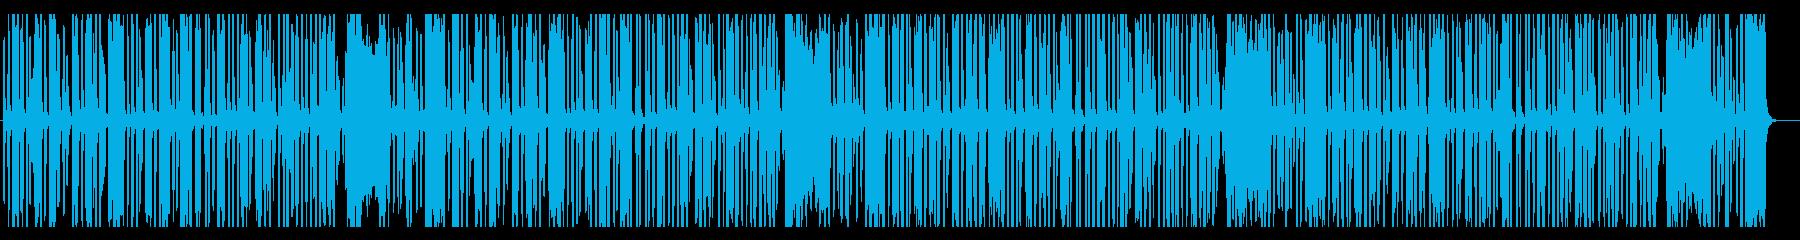 ほのぼの・あたたかいリコーダー曲の再生済みの波形